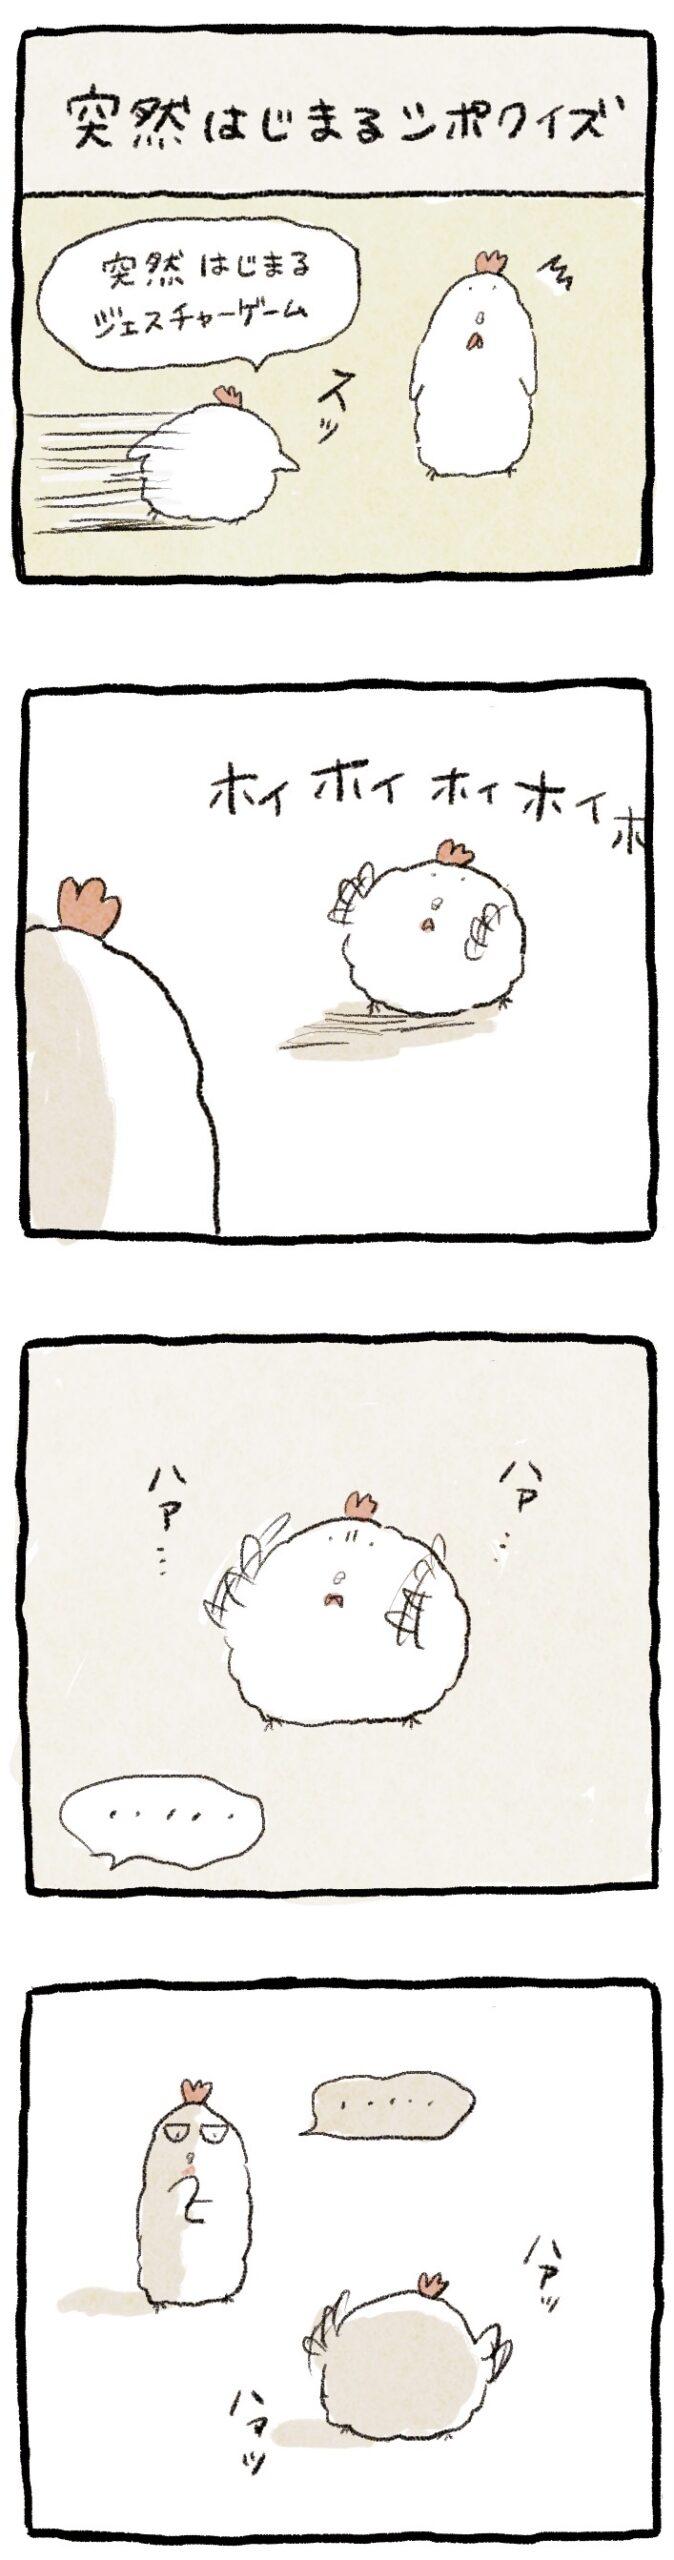 日常漫画_20210819_1